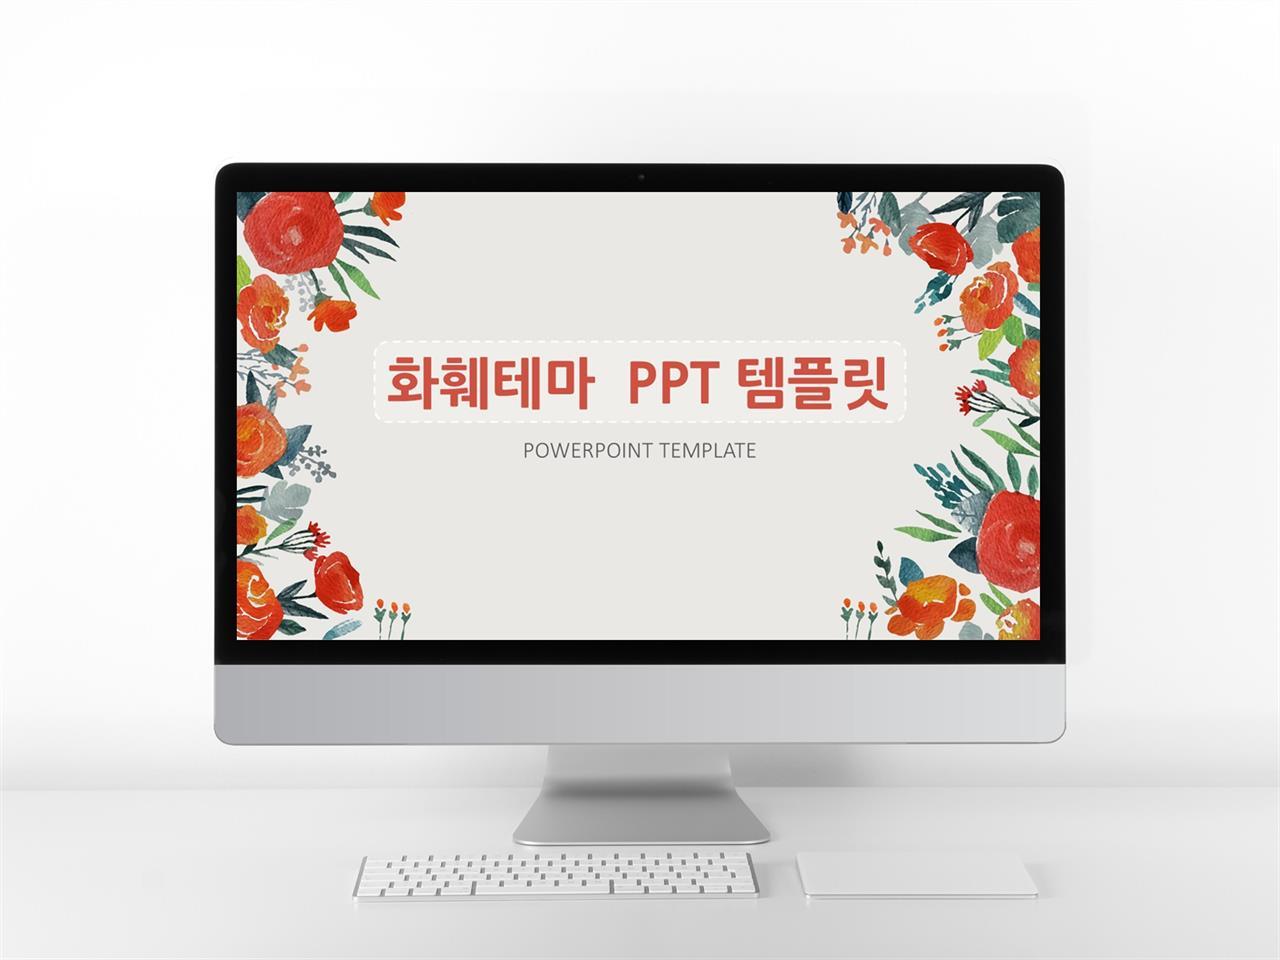 식물동물 붉은색 귀여운 다양한 주제에 어울리는 파워포인트테마 디자인 미리보기